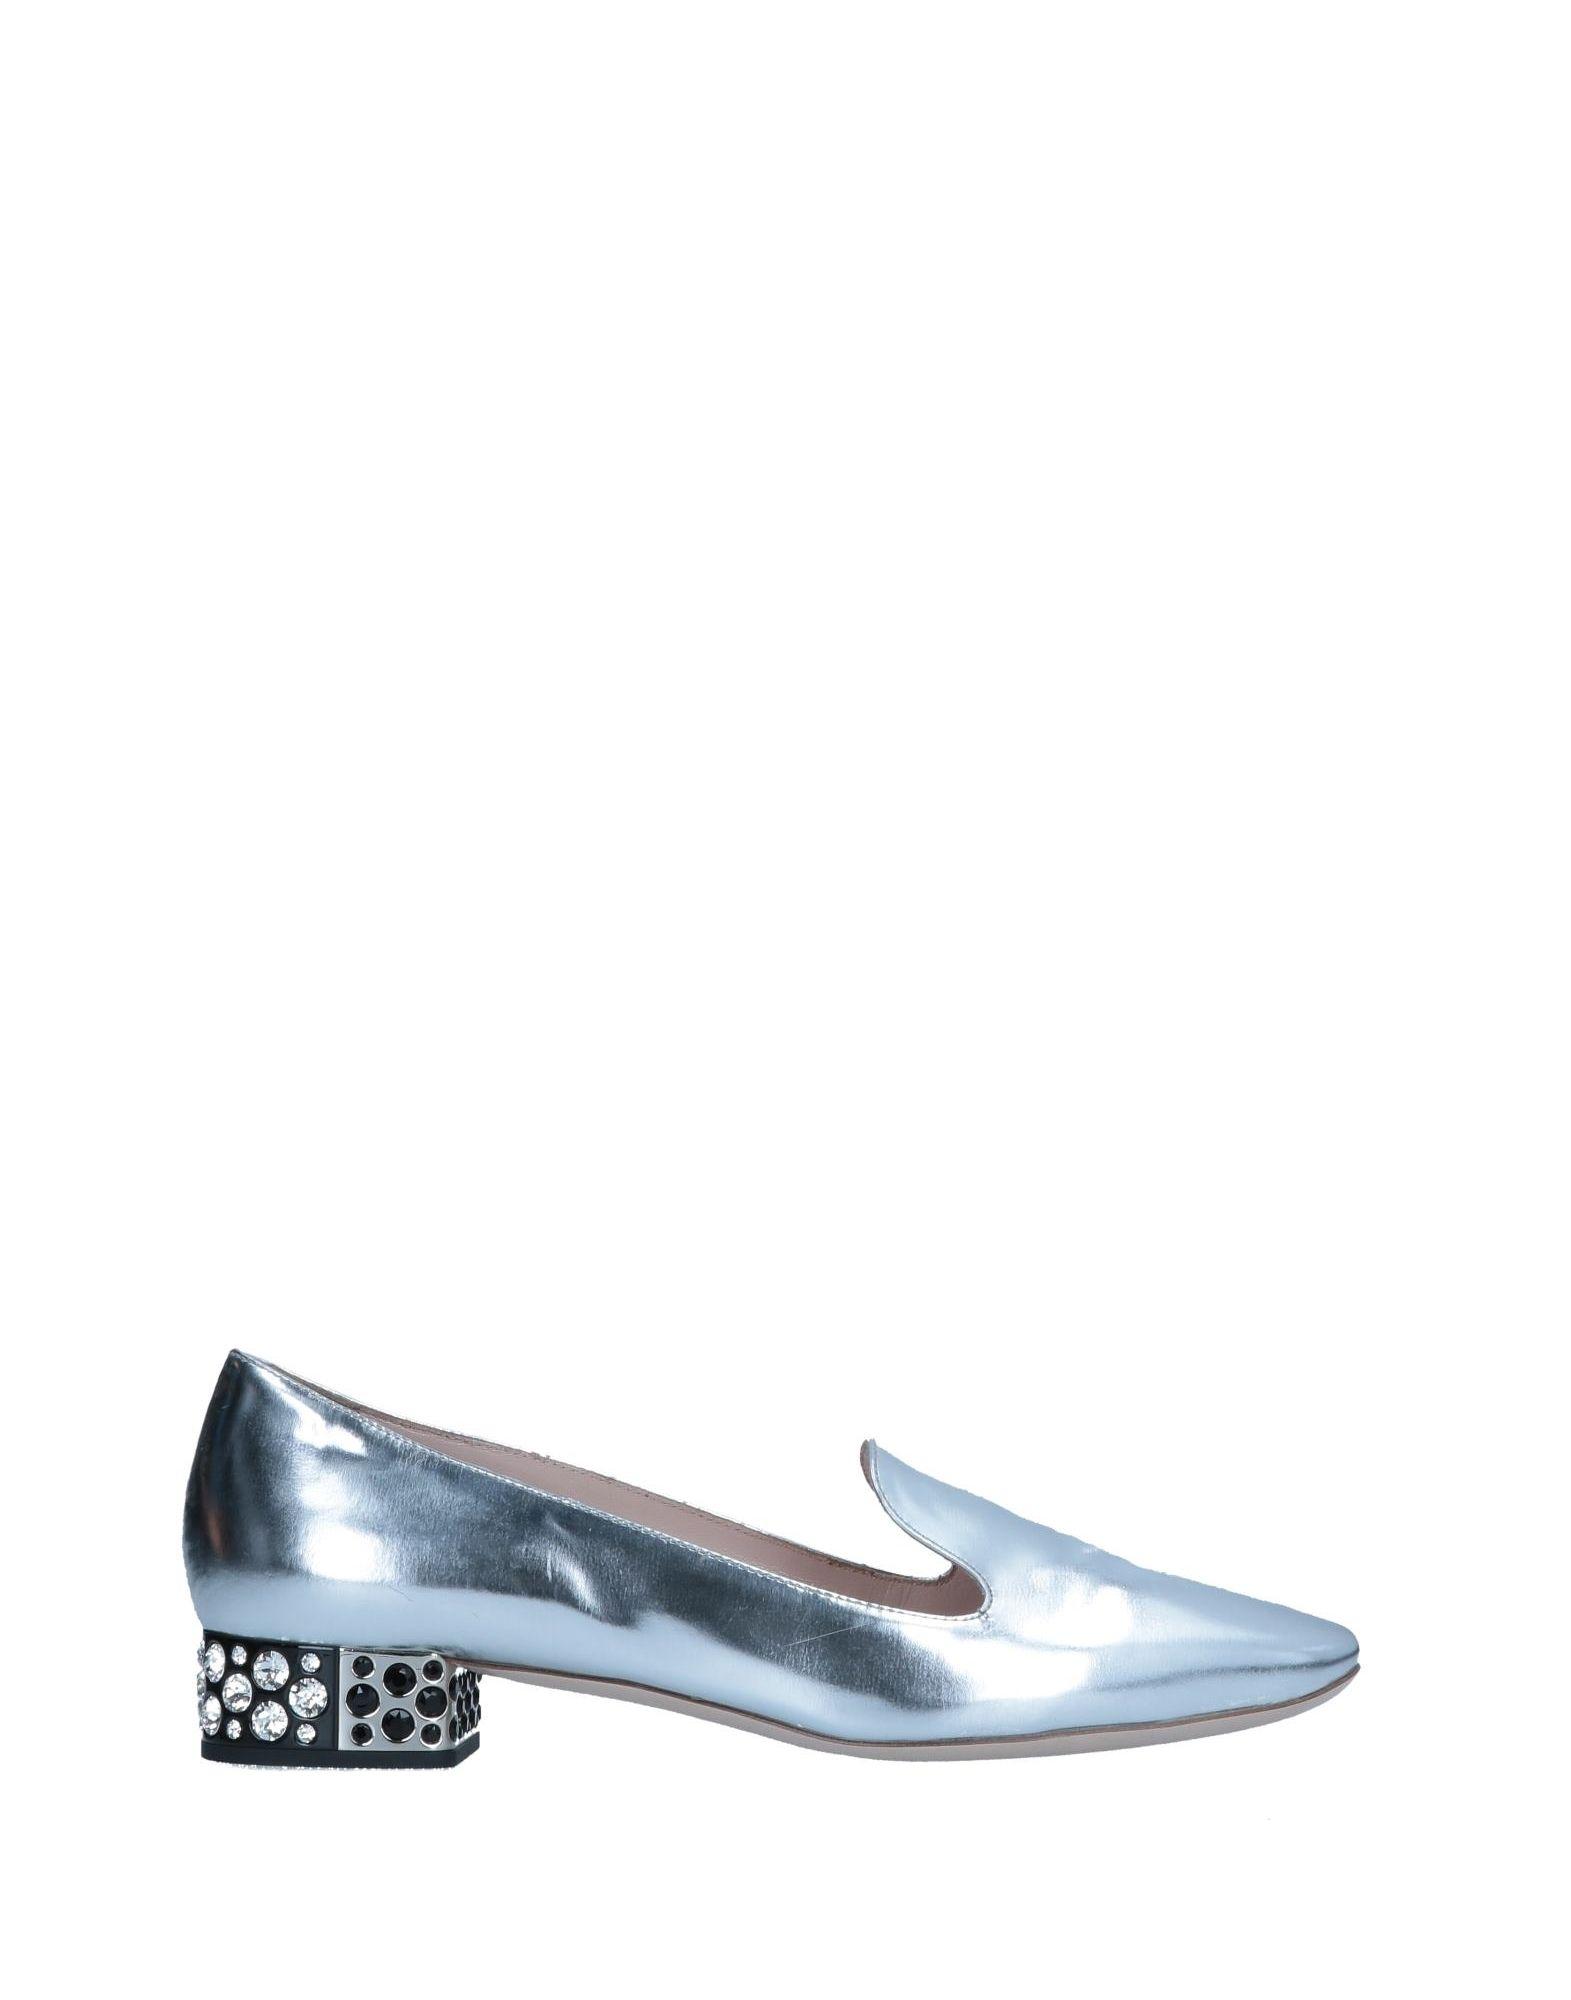 Mocassini donna  scarpe mocassini con tacco e senza tacco  9499139c8dd